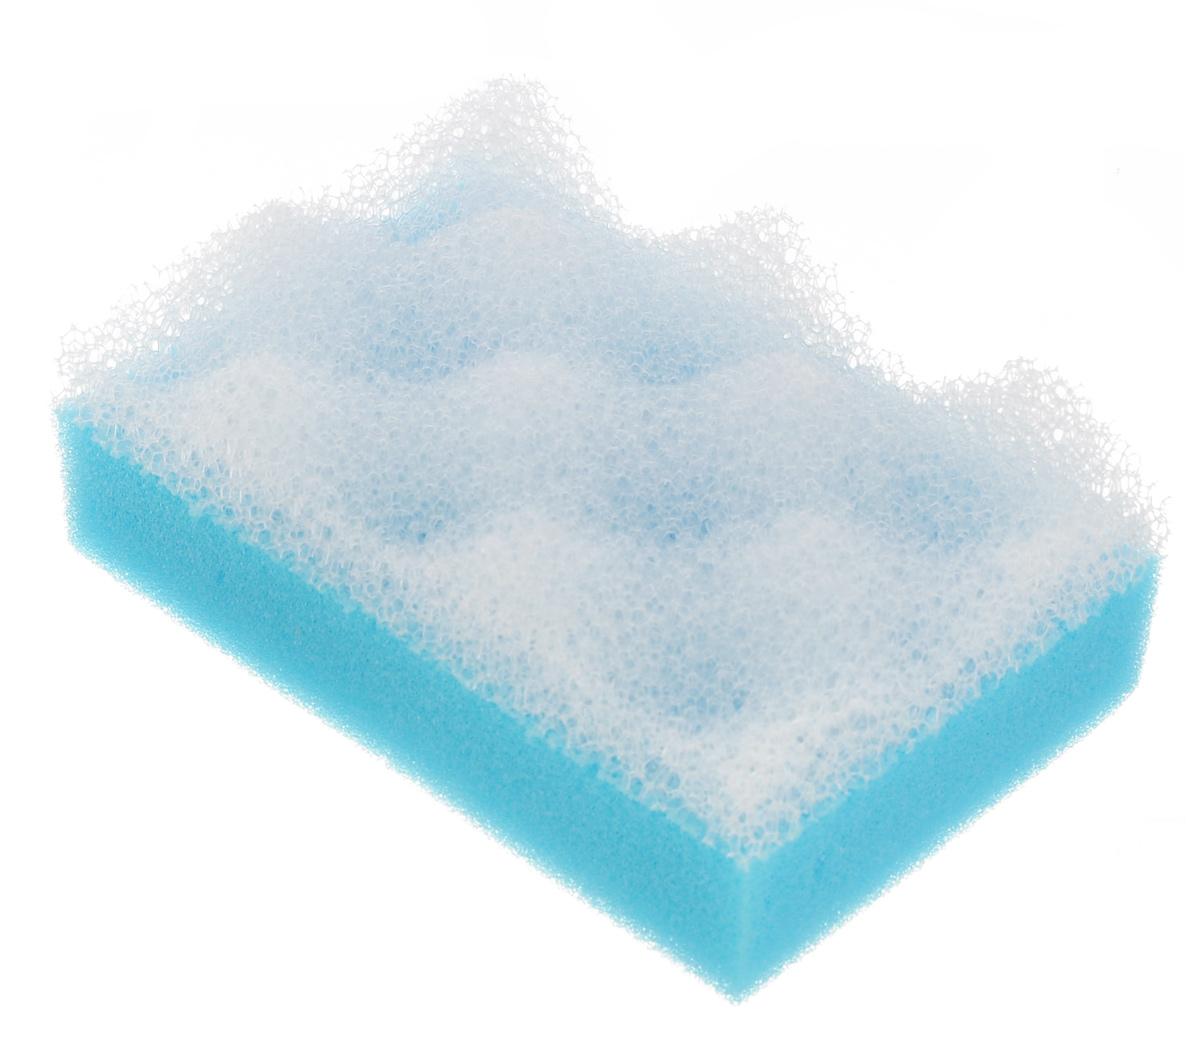 Губка для тела Eva, с массажным слоем, цвет: голубойМГ001_голубойПоролоновая двухслойная губка для тела Eva изготовлена из пенополиуретана и оснащена массажным слоем.Губку можно использовать в ванной, в бане или сауне. Она улучшает циркуляцию крови и обмен веществ, делает кожу здоровой и красивой.Подходит для ежедневного применения.